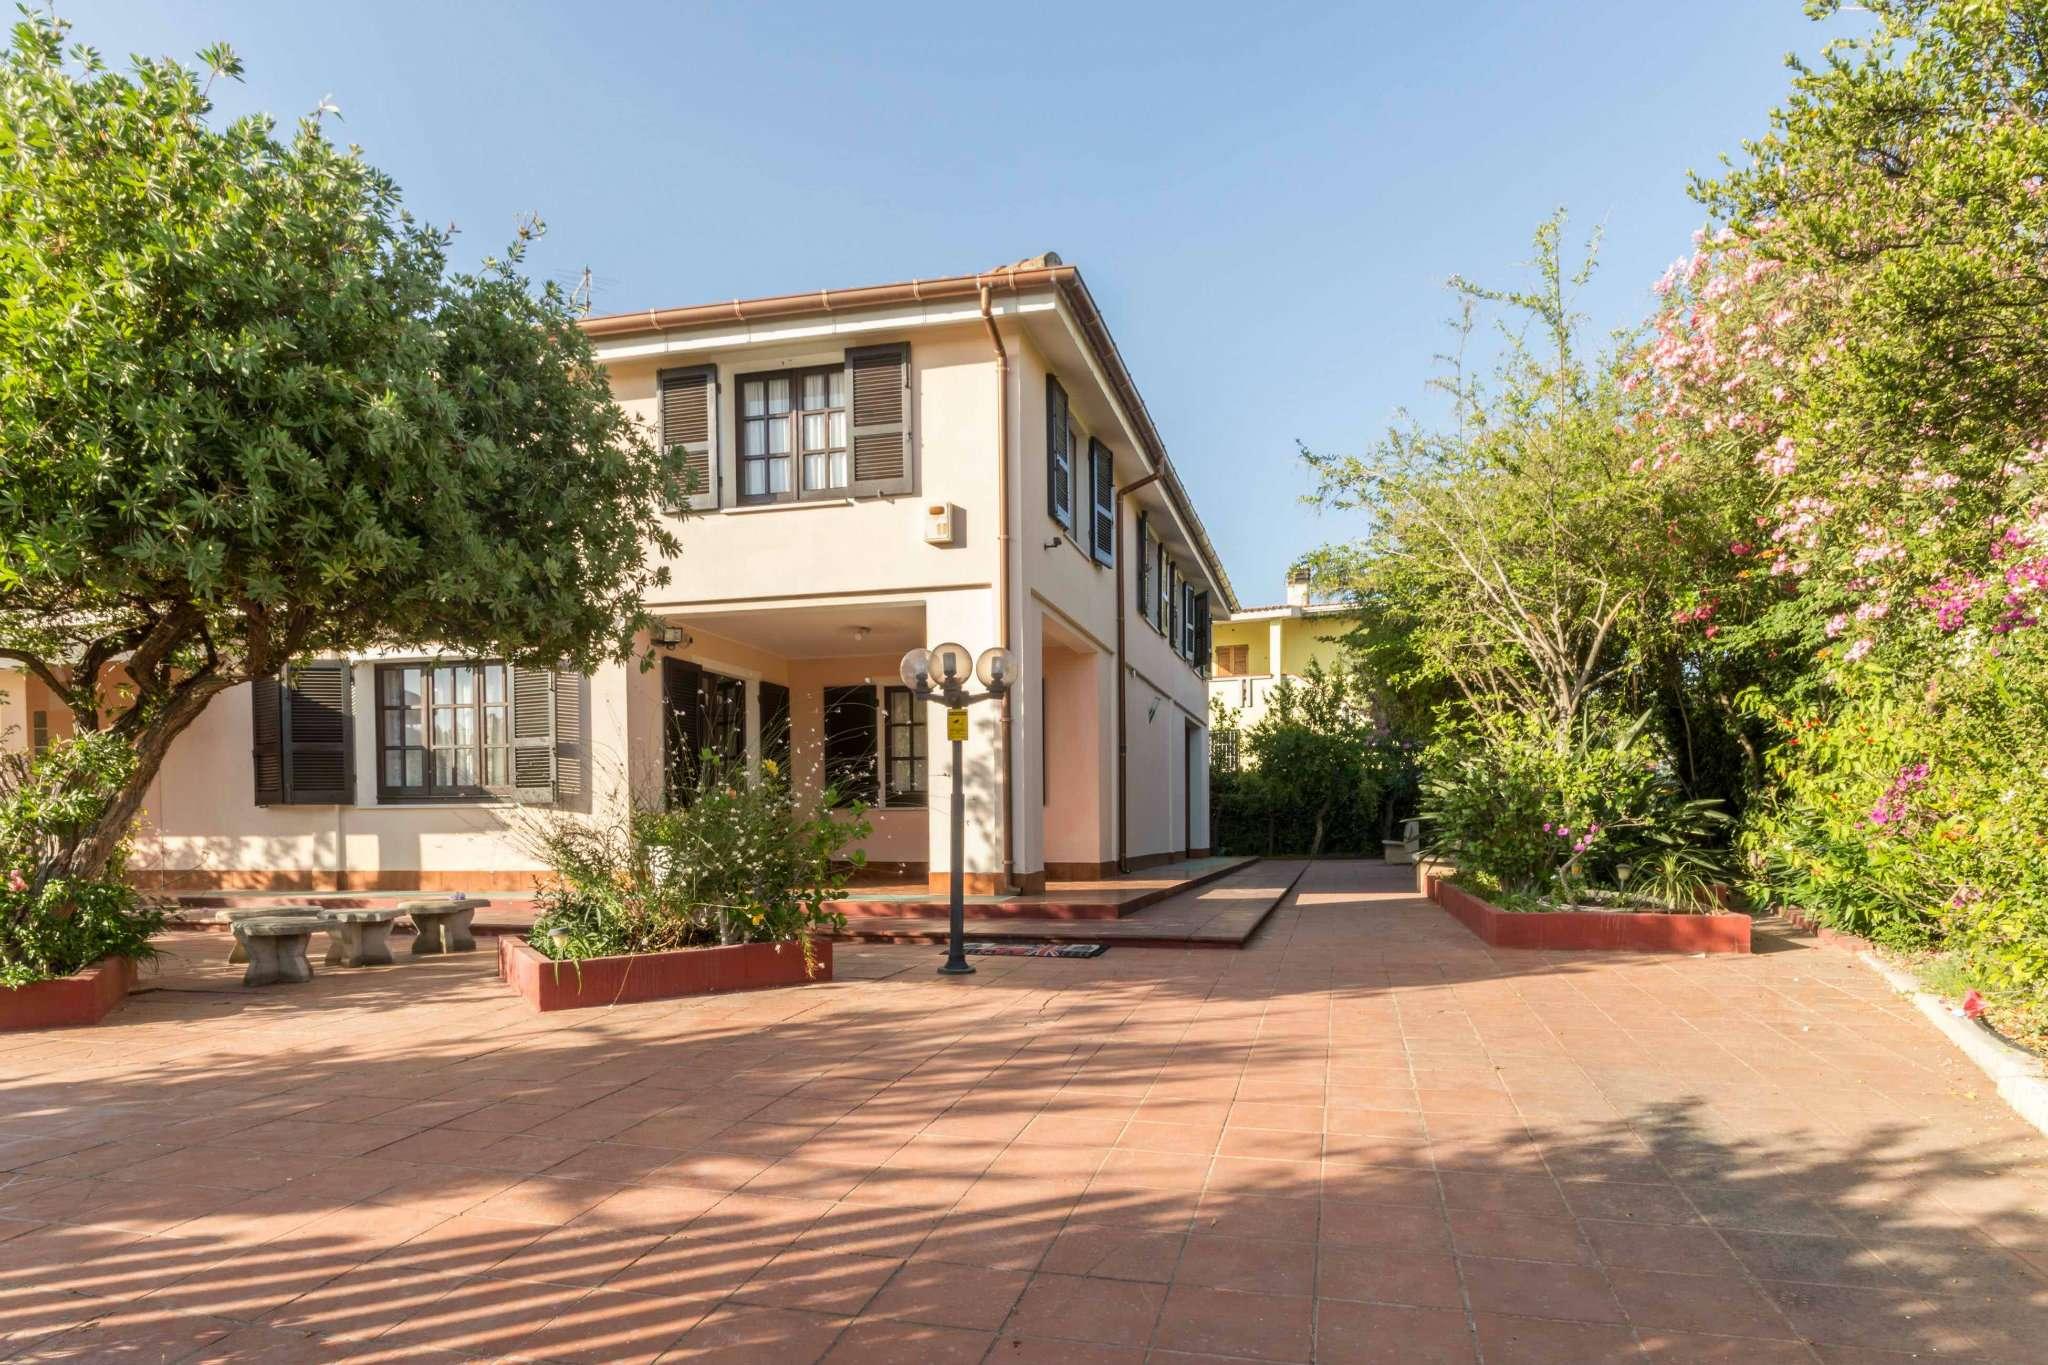 Villa in vendita a Quartu Sant'Elena, 8 locali, prezzo € 560.000 | Cambio Casa.it